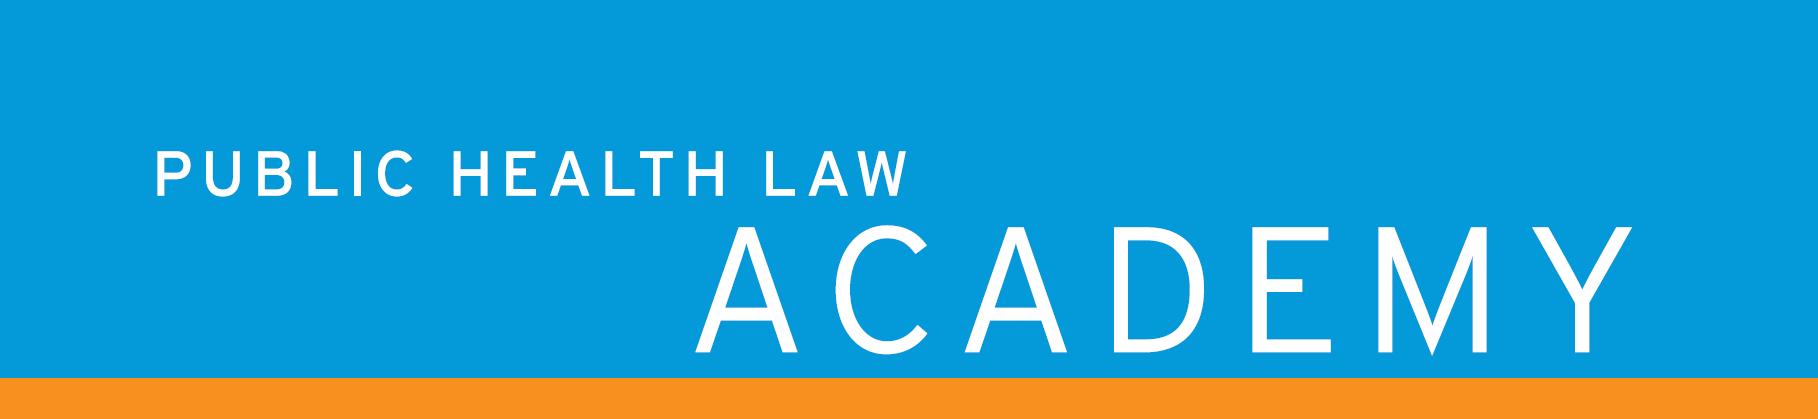 Public Health Law Academy